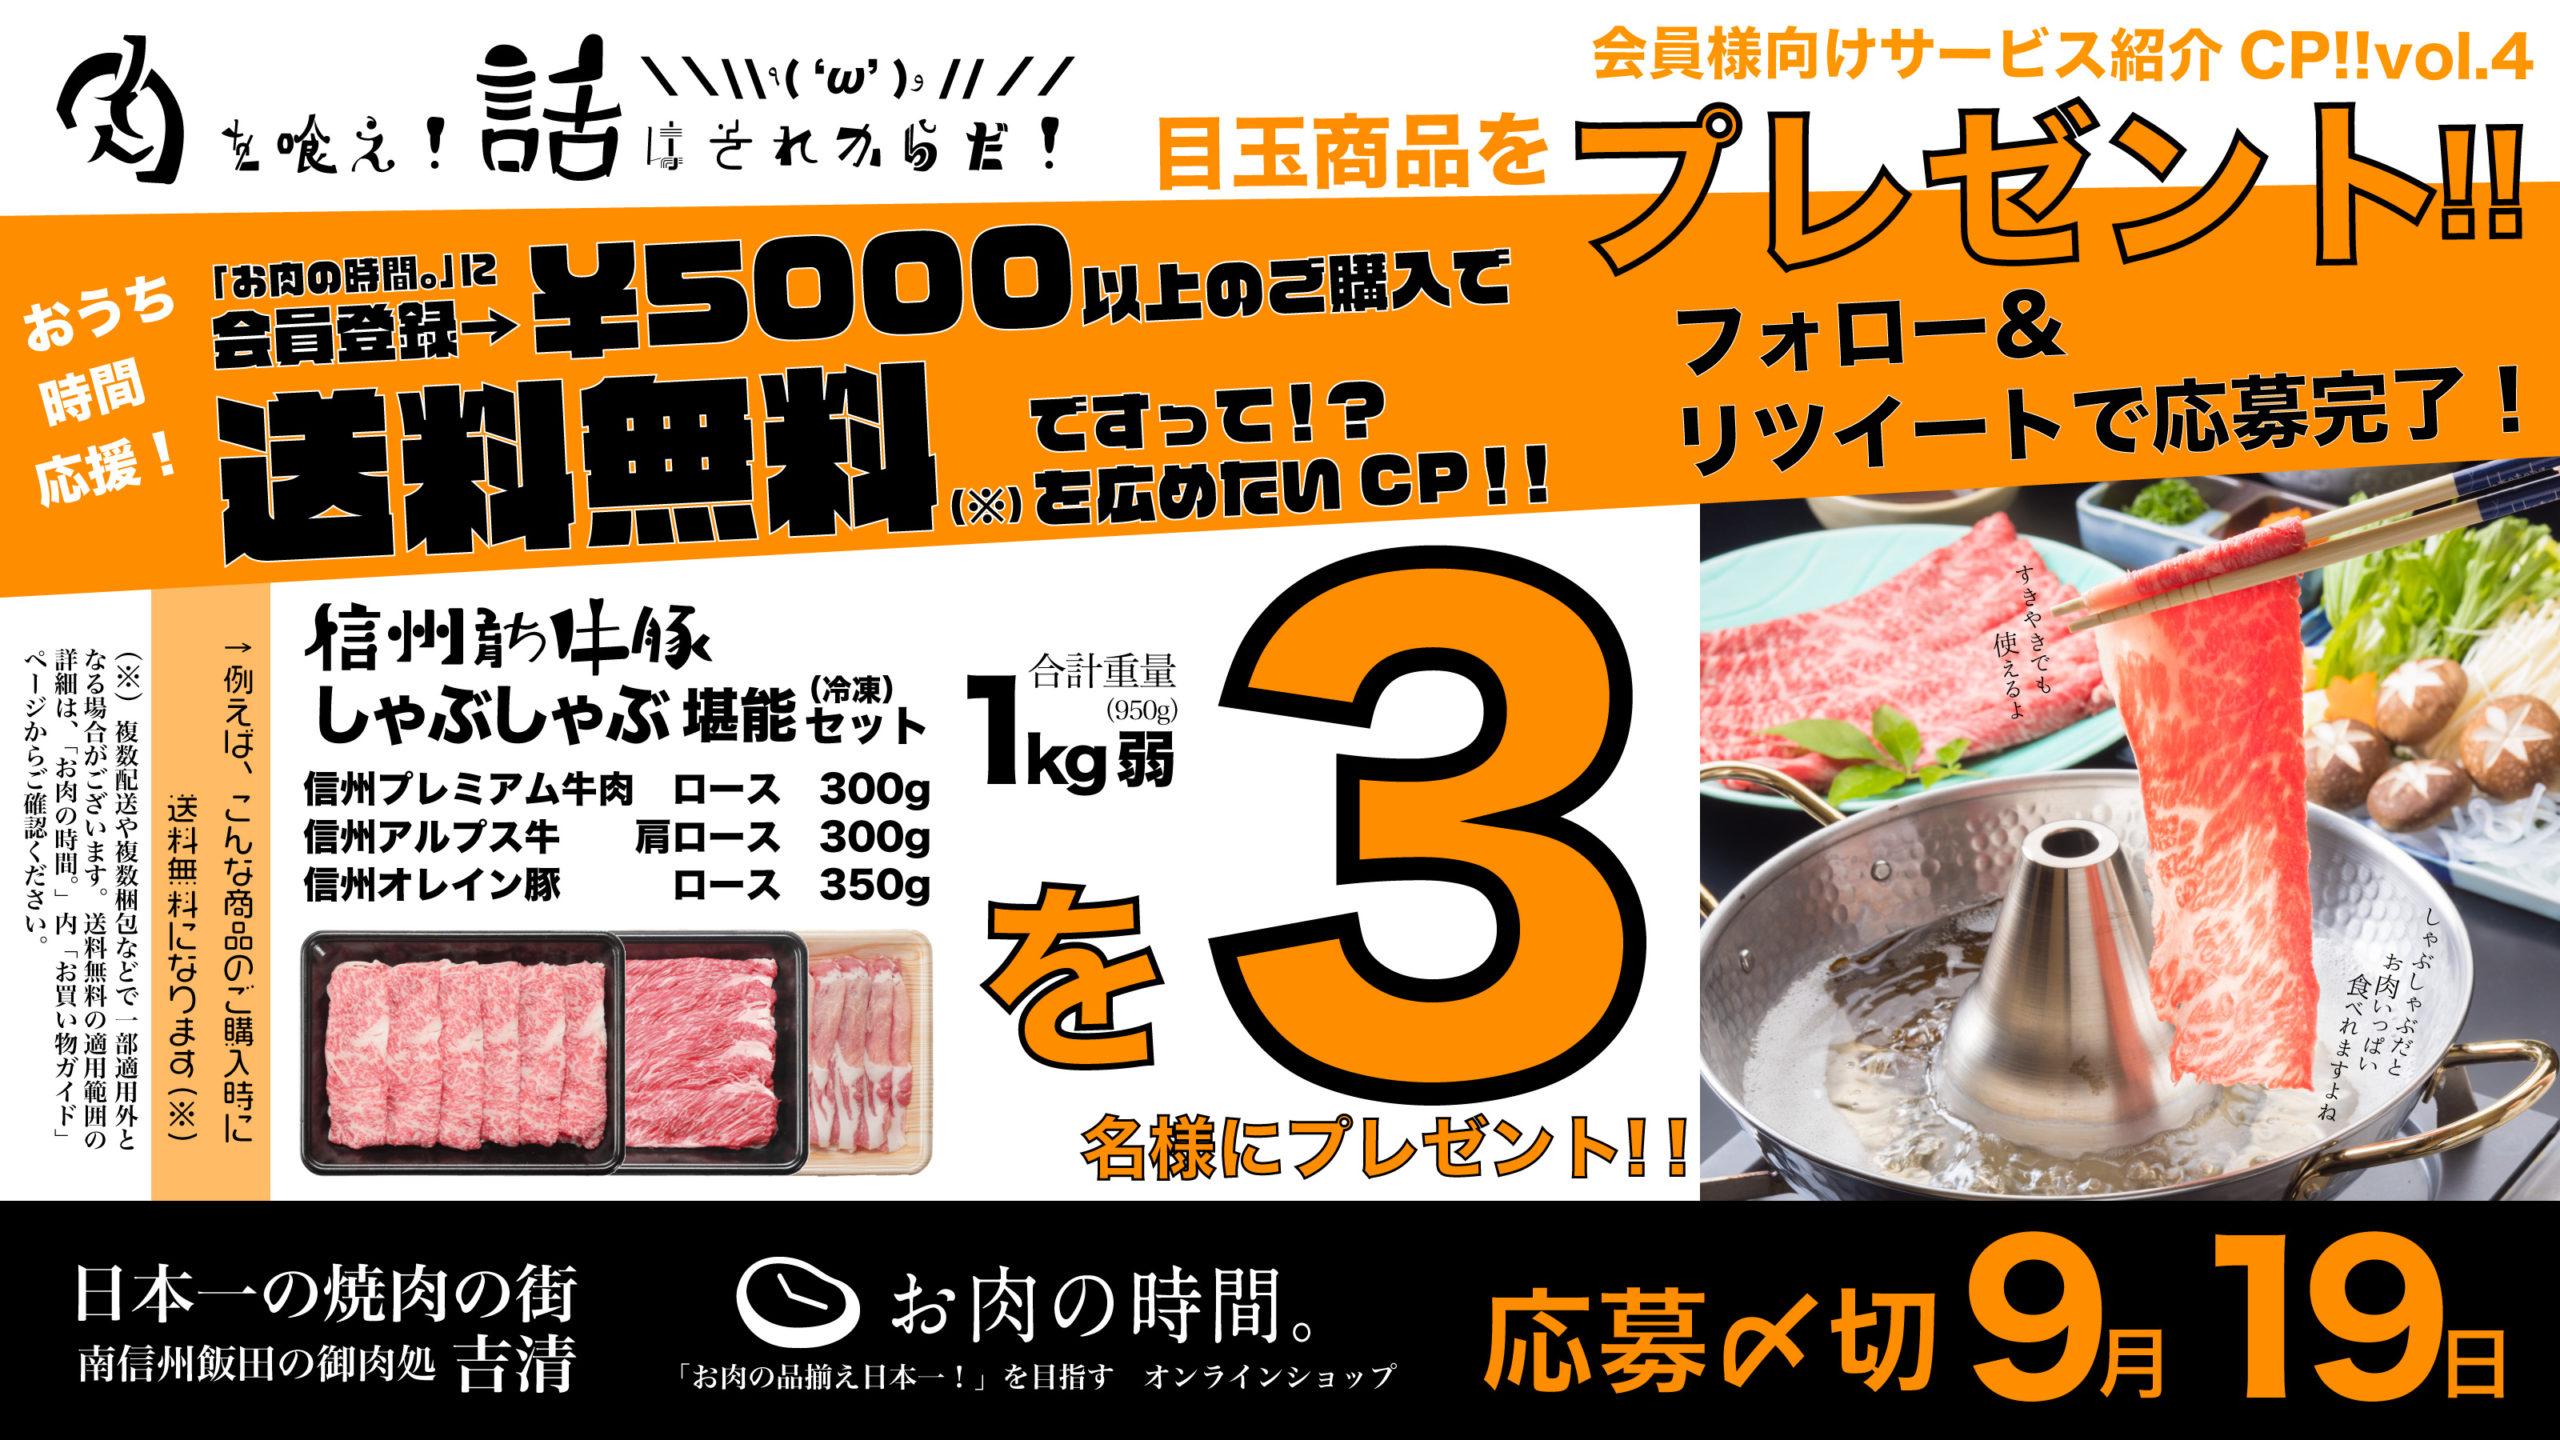 9/17正午より!会員登録→¥5000↑購入で送料無料ですって!?を広めたいCP!vol.4